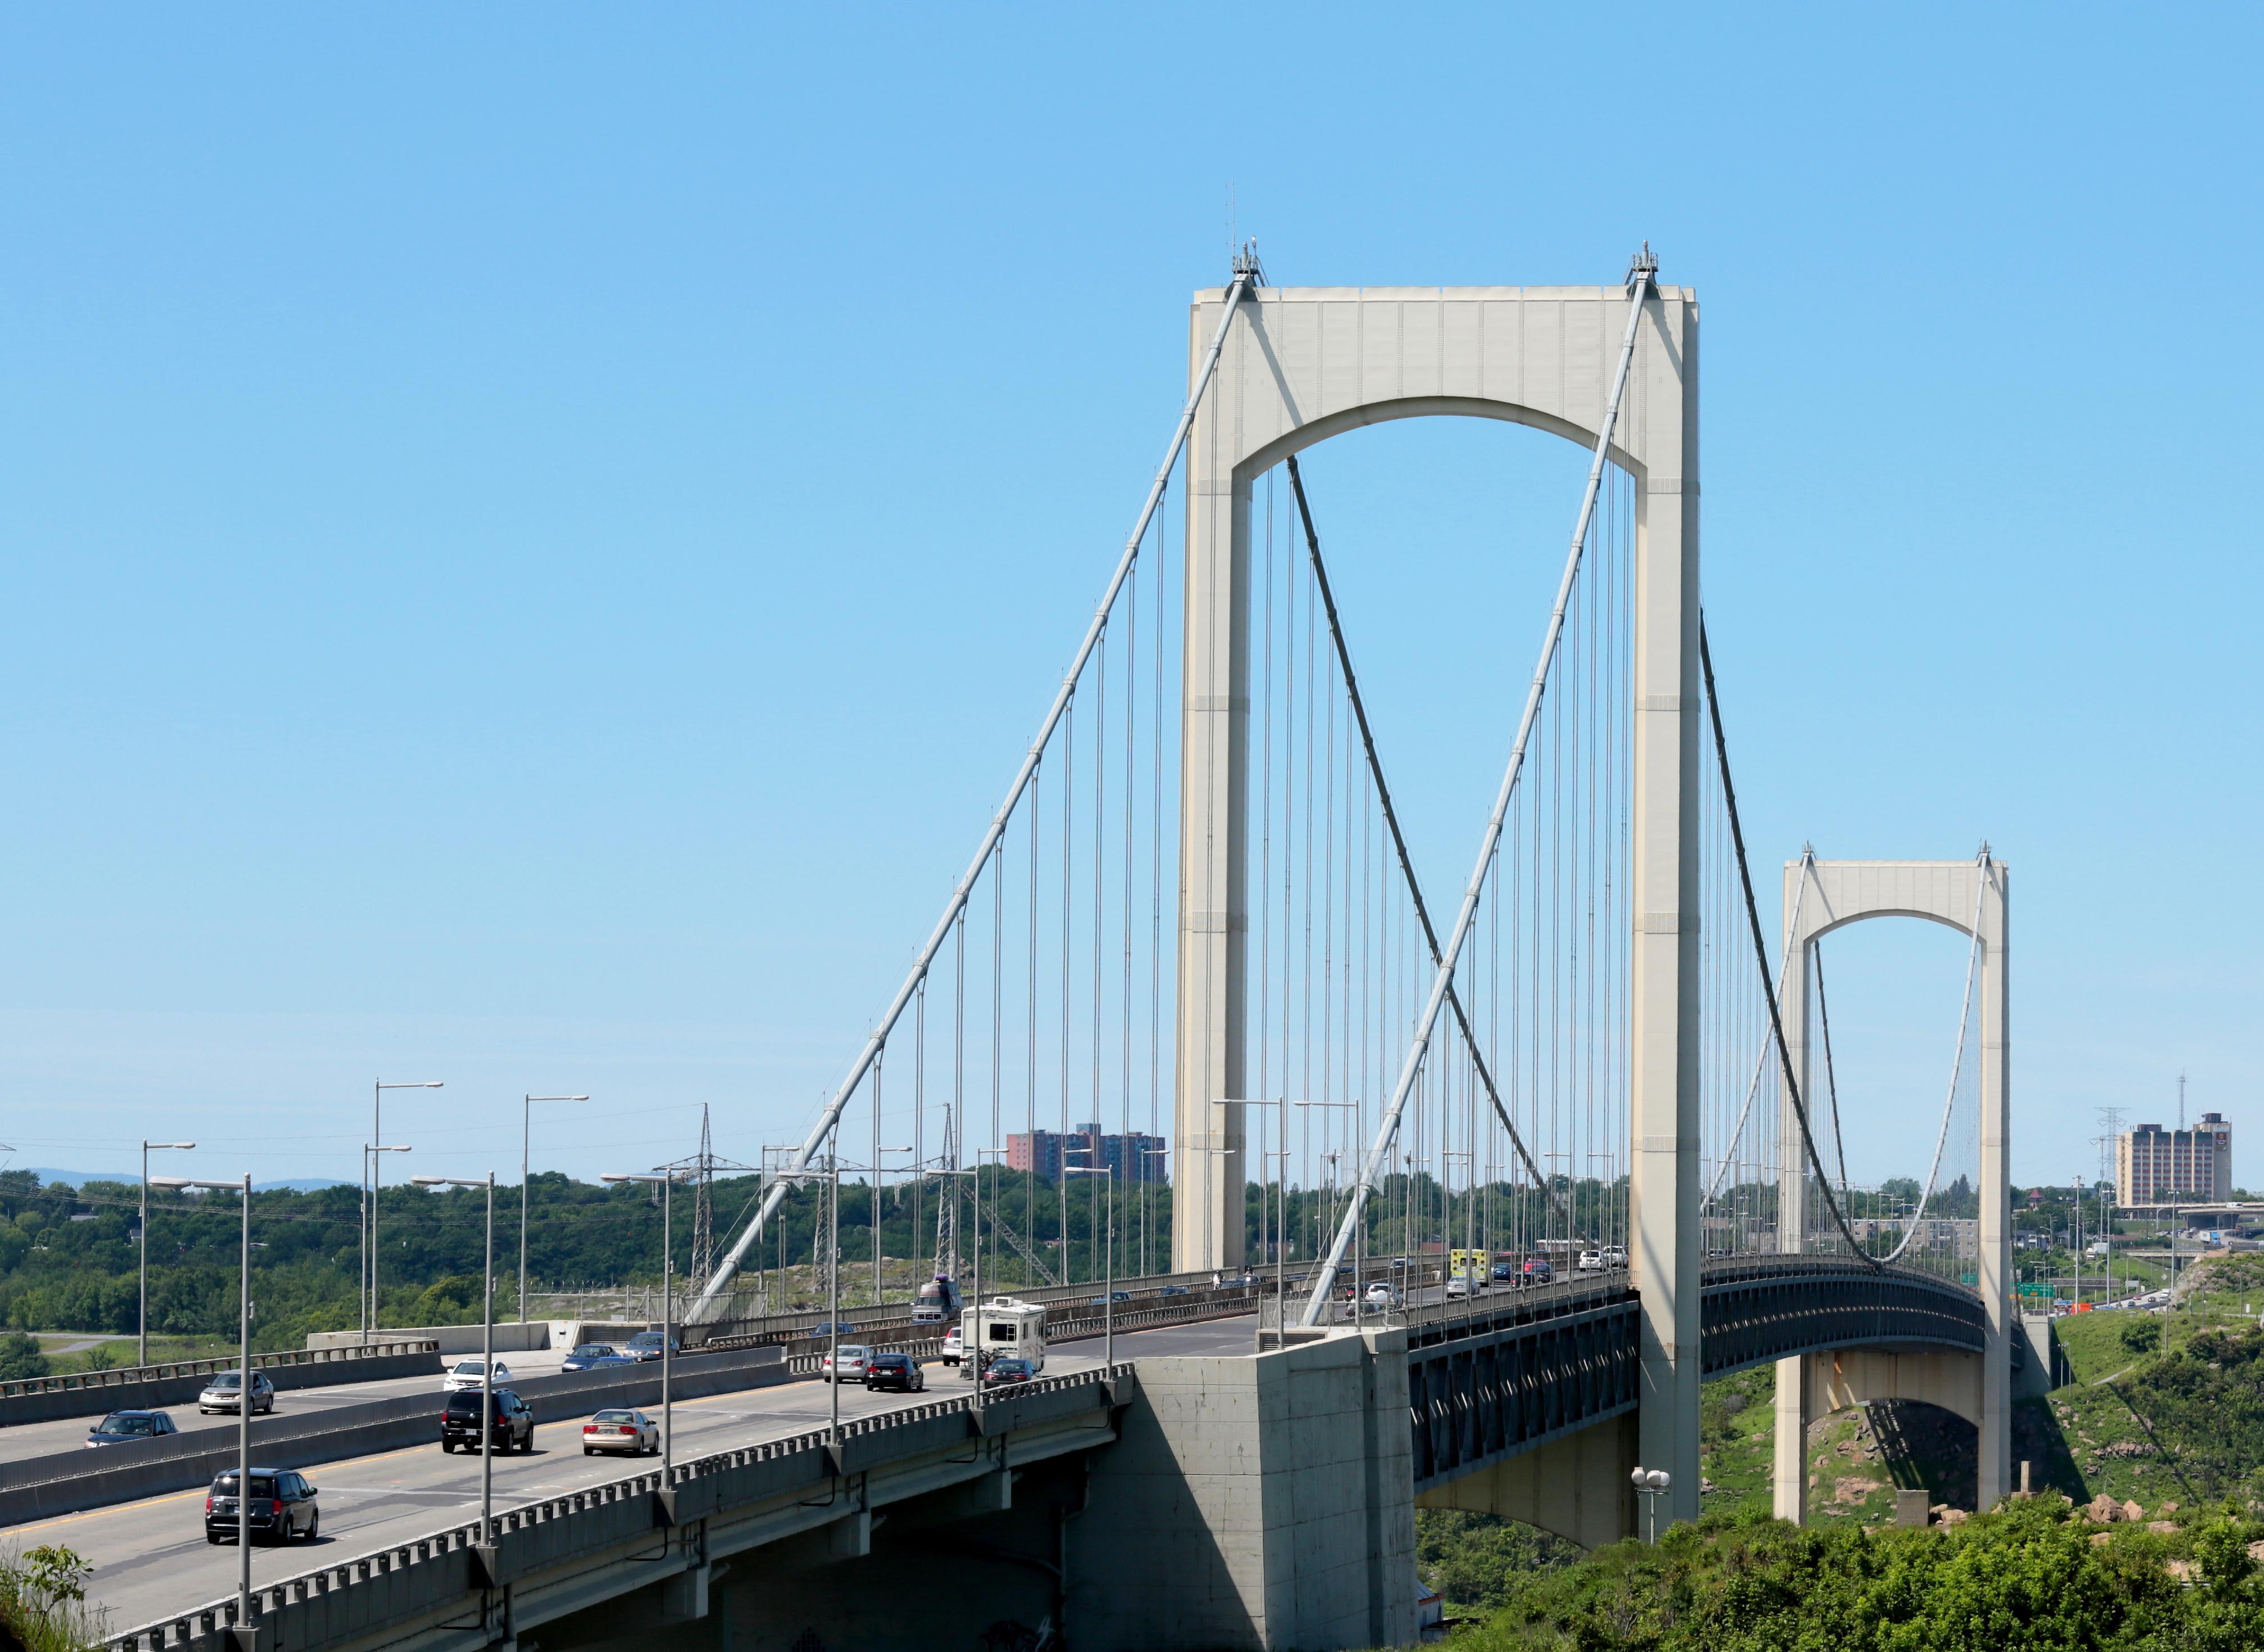 Le pont Pierre-Laporte pourrait supporter beaucoup plus de véhicules si la conduite automatique y était obligatoire. Pourquoi pas dans 10 ans? C'est plus probable qu'un tunnel sous l'île d'Orléans. Note, ceci est une image prise pendant le concours Wikipédia prends Québec! Image: Muriel Leclerc, CC-BY-SA 3.0 (source)